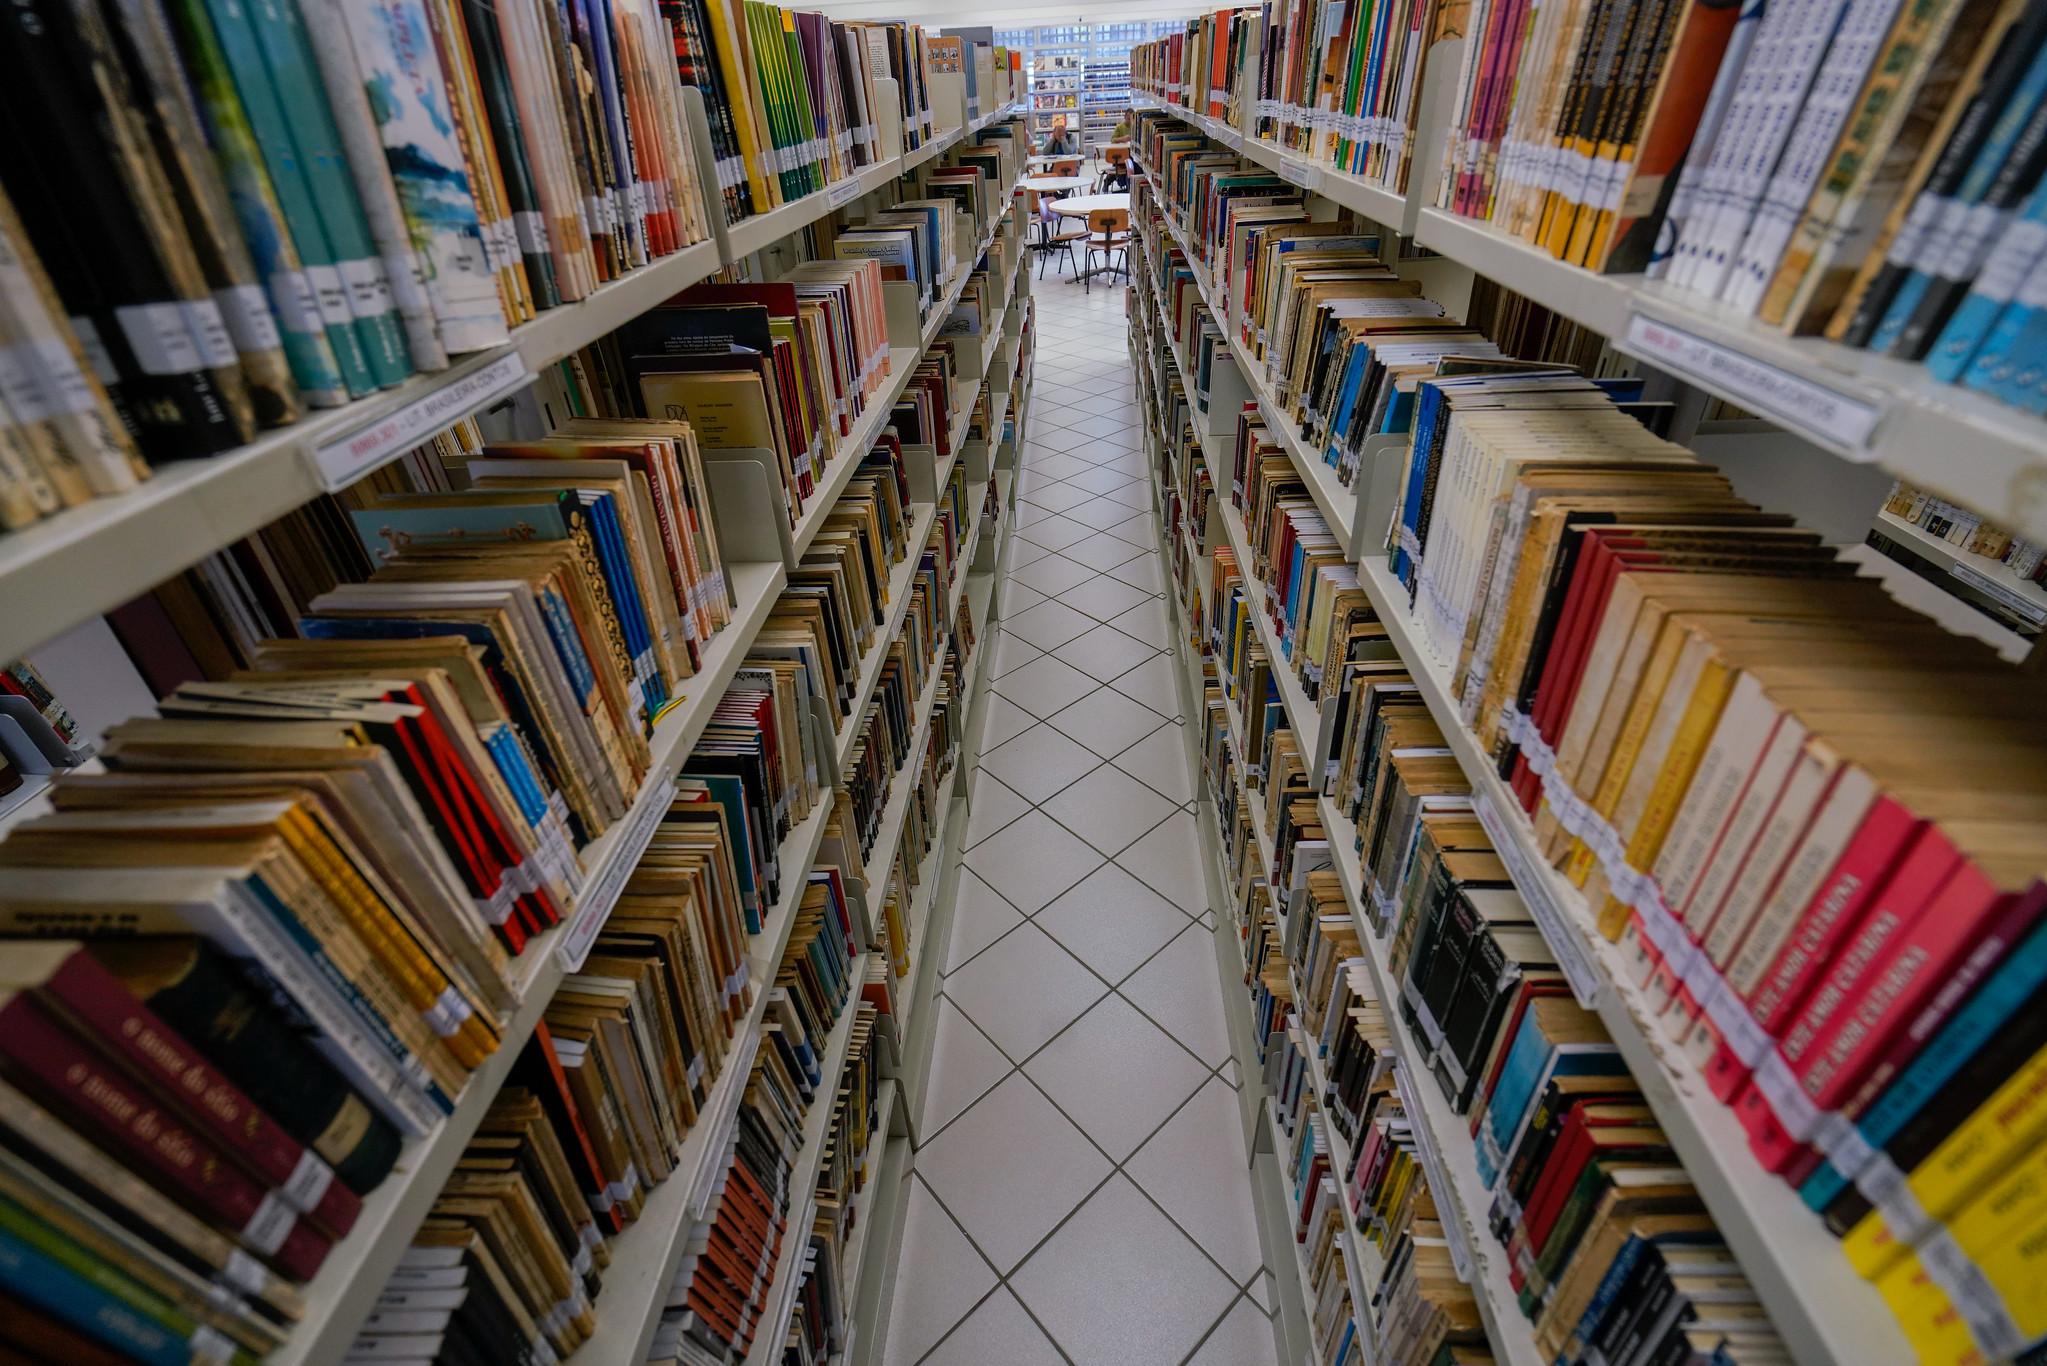 Histórias ficcionais são utilizadas na alfabetização de crianças nos anos iniciais do Ensino Fundamental em novo método de letramento literário